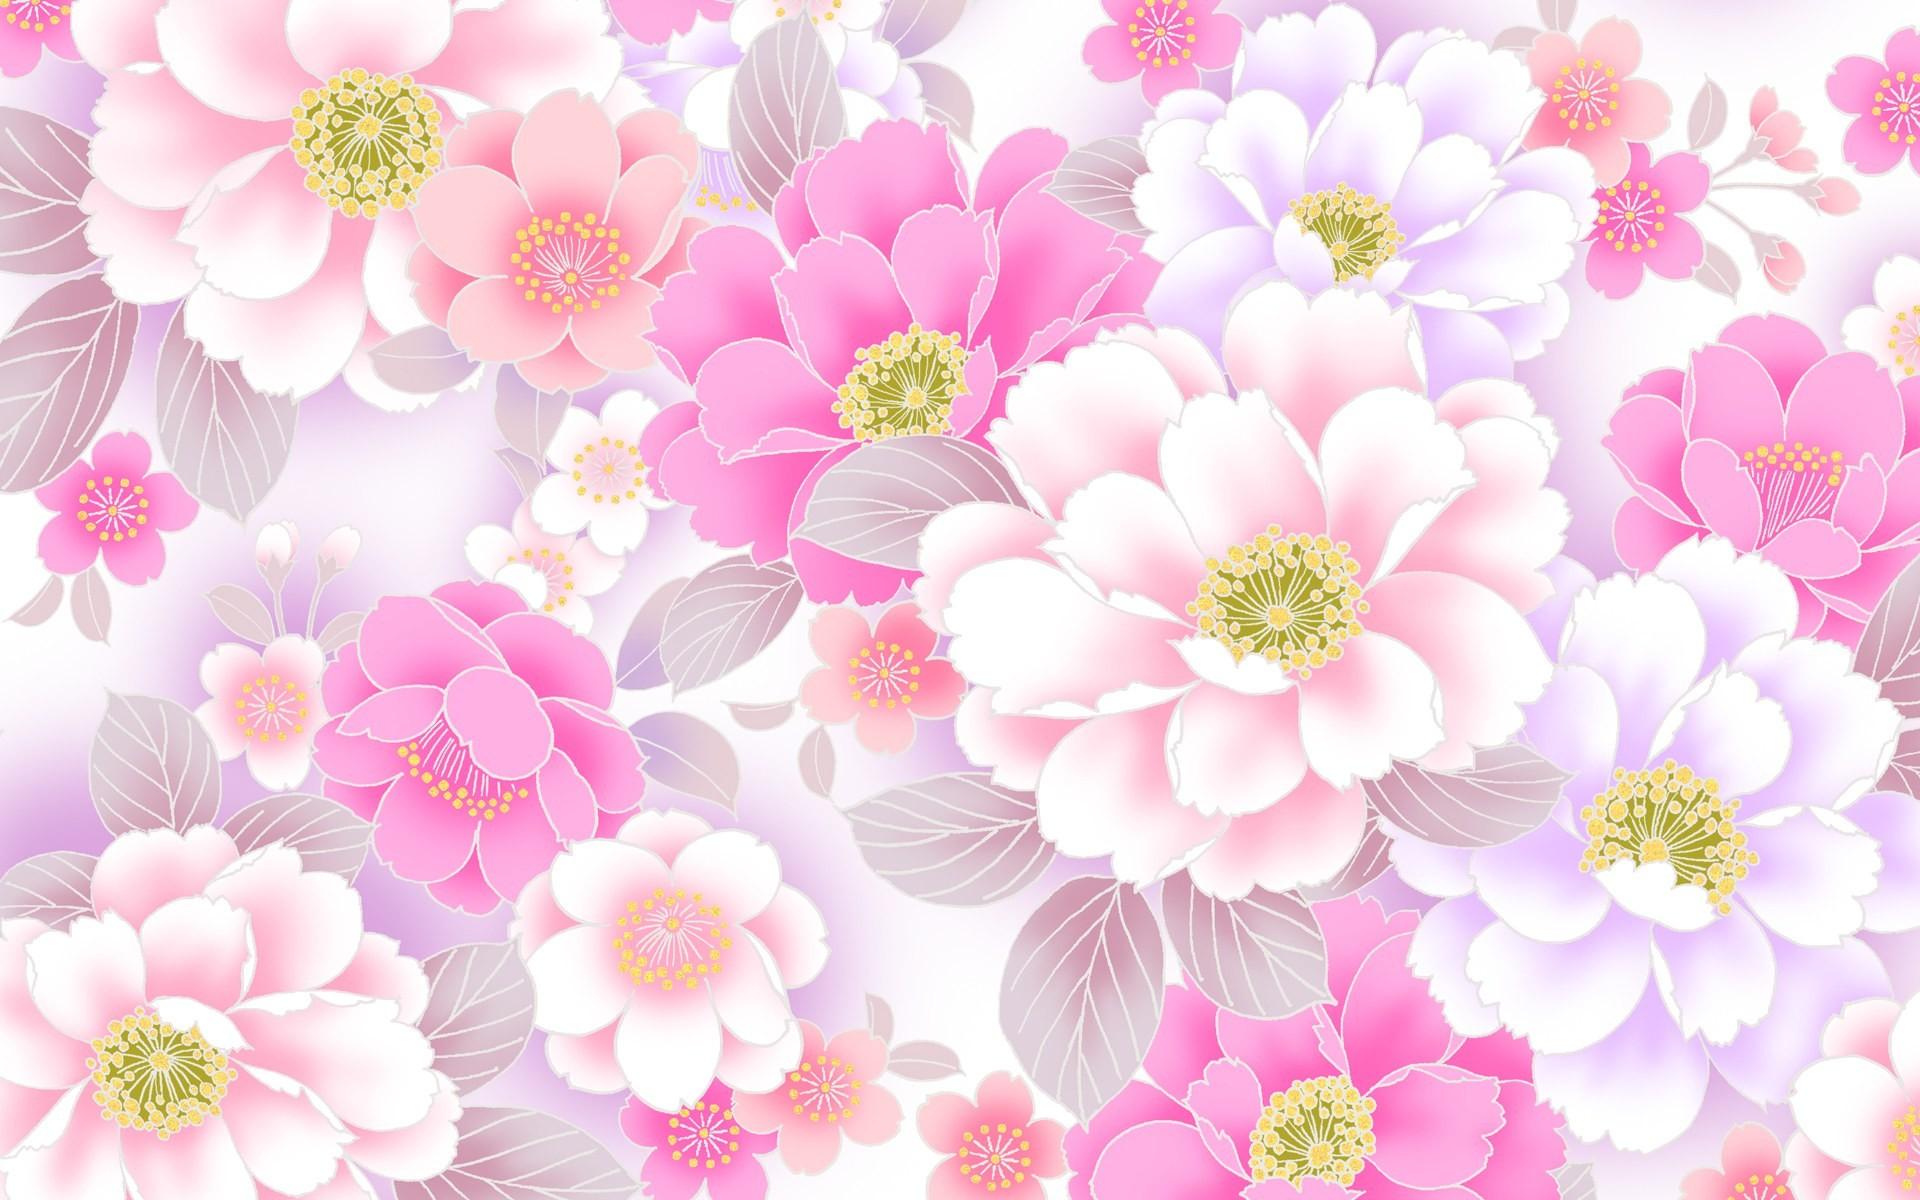 Res: 1920x1200, Artistic - Flower Artistic Pink Flower White Flower Wallpaper